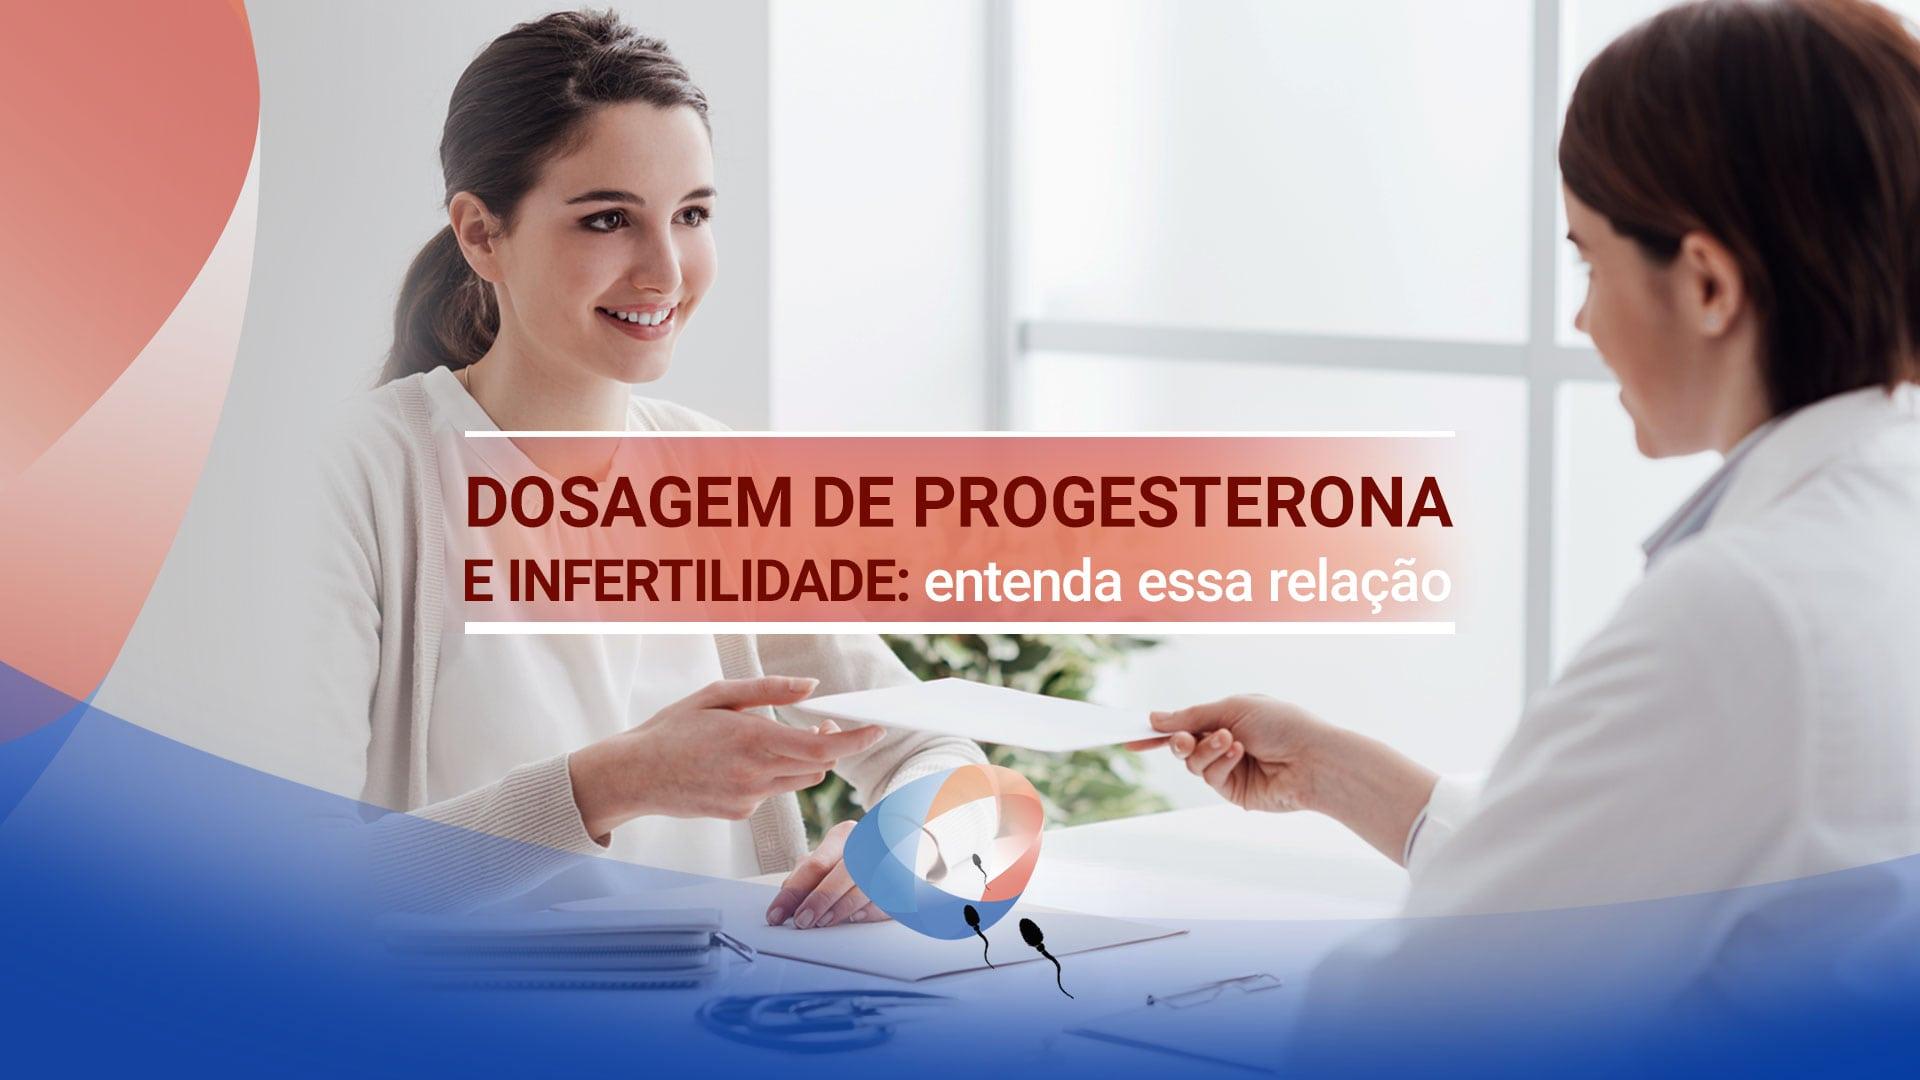 Dosagem de progesterona e infertilidade: entenda essa relação